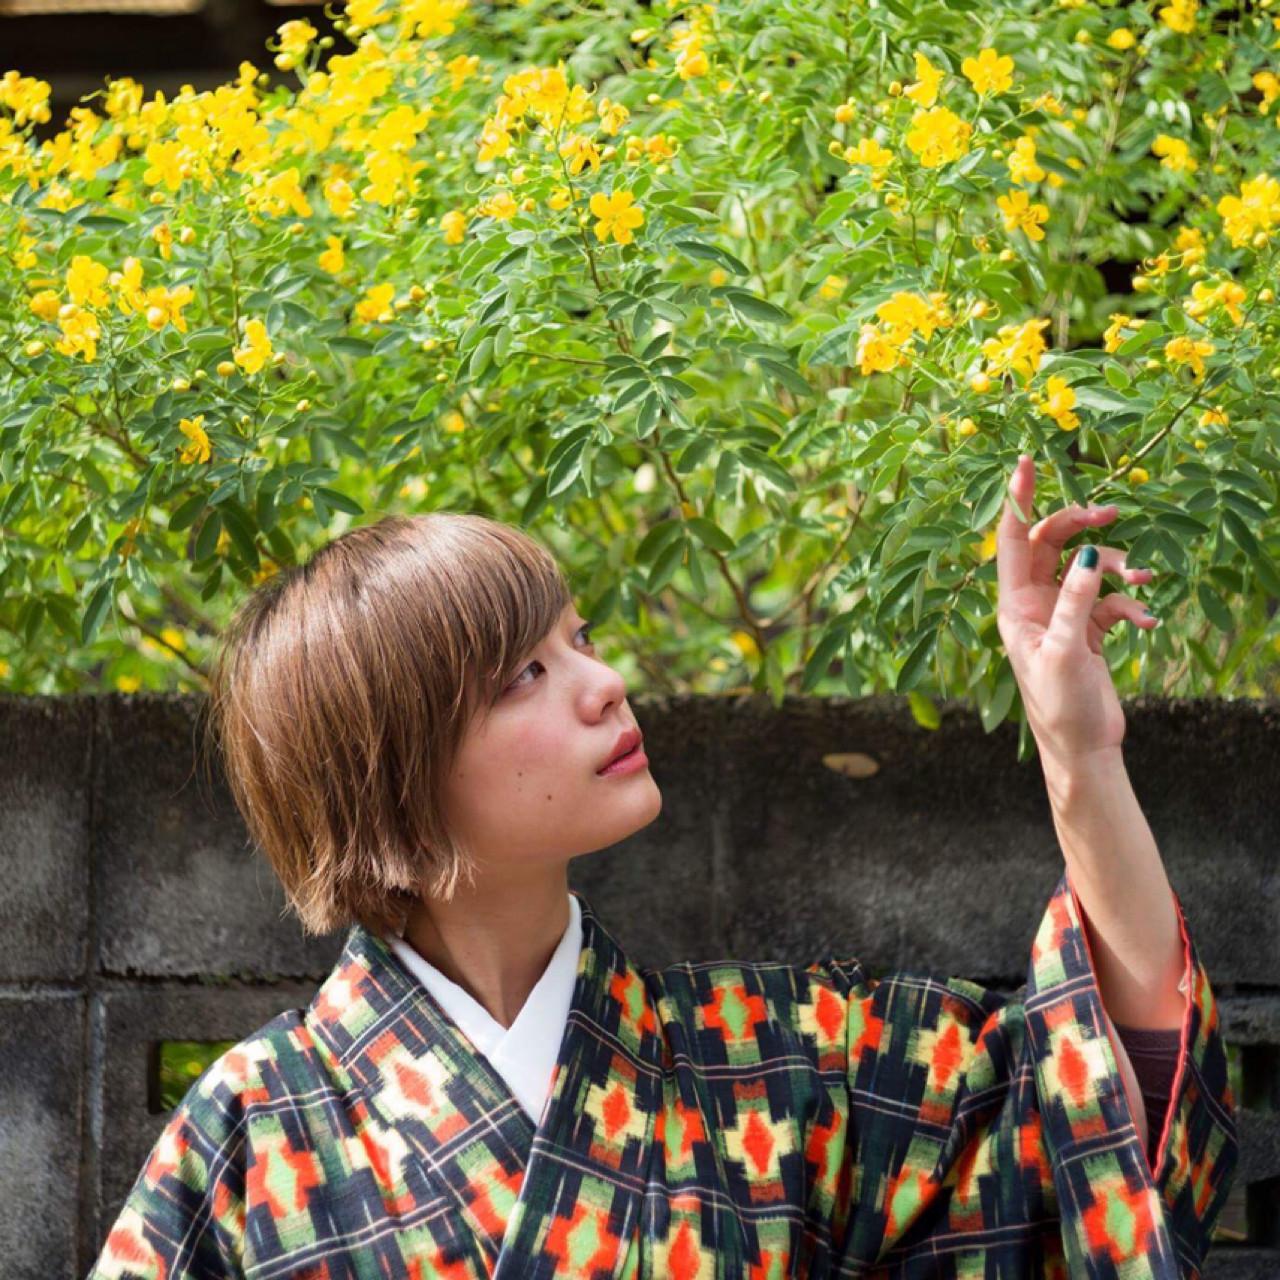 ナチュラル 着物 ショート 簡単ヘアアレンジ ヘアスタイルや髪型の写真・画像